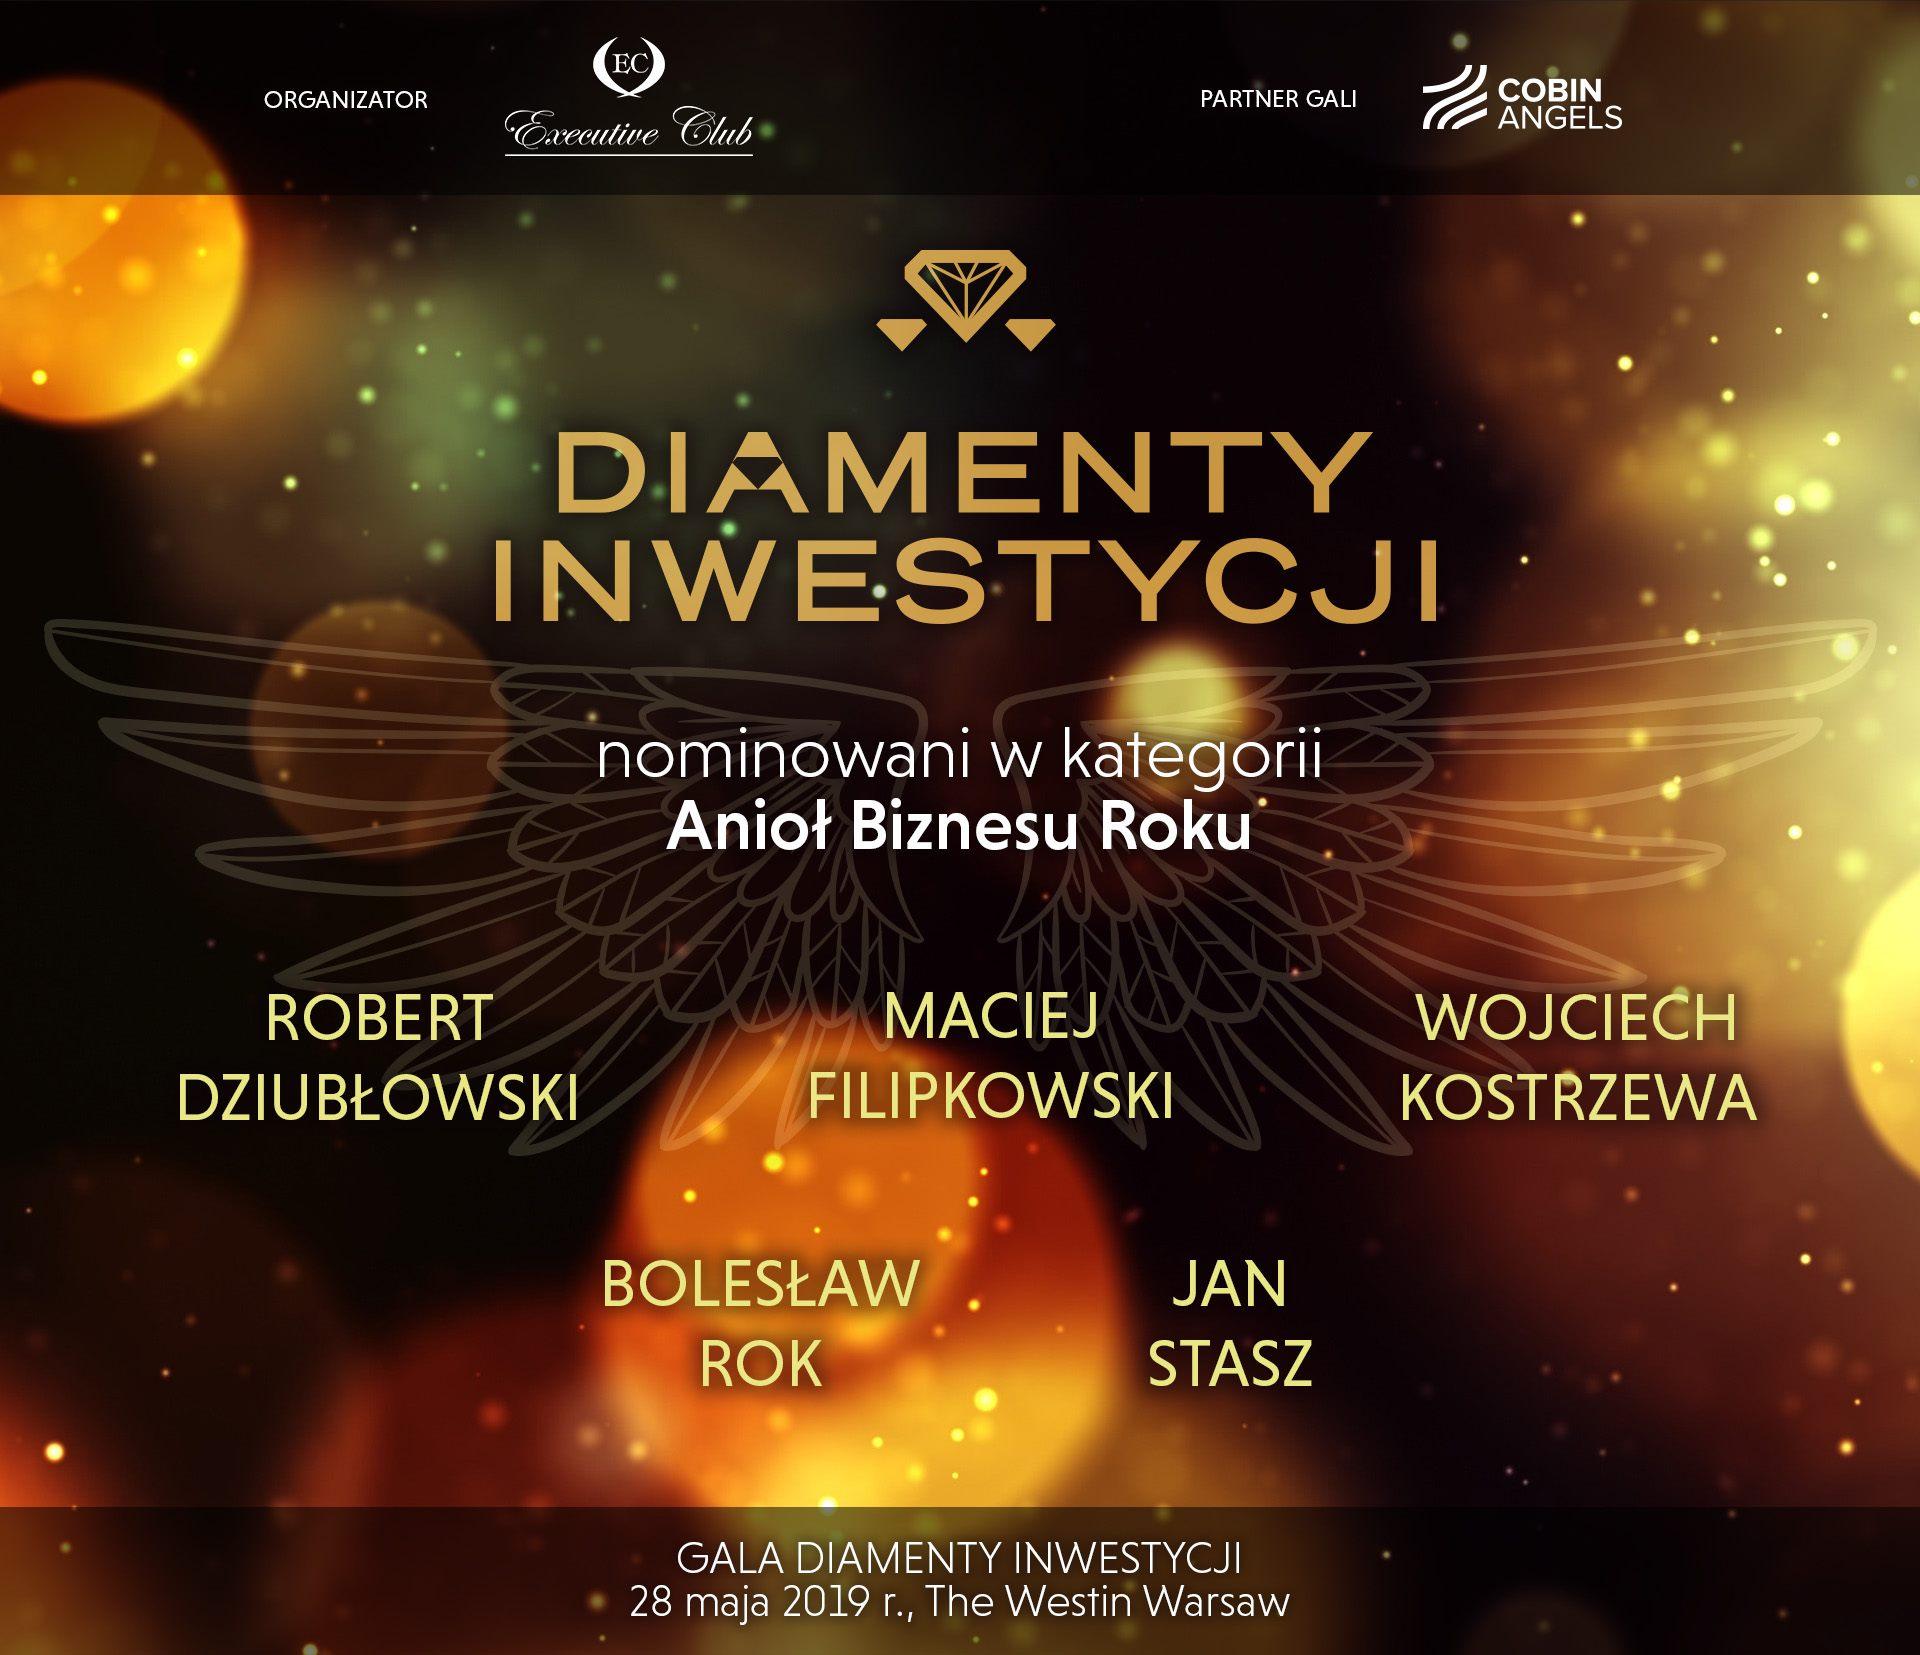 Gala Diamenty Inwestycji